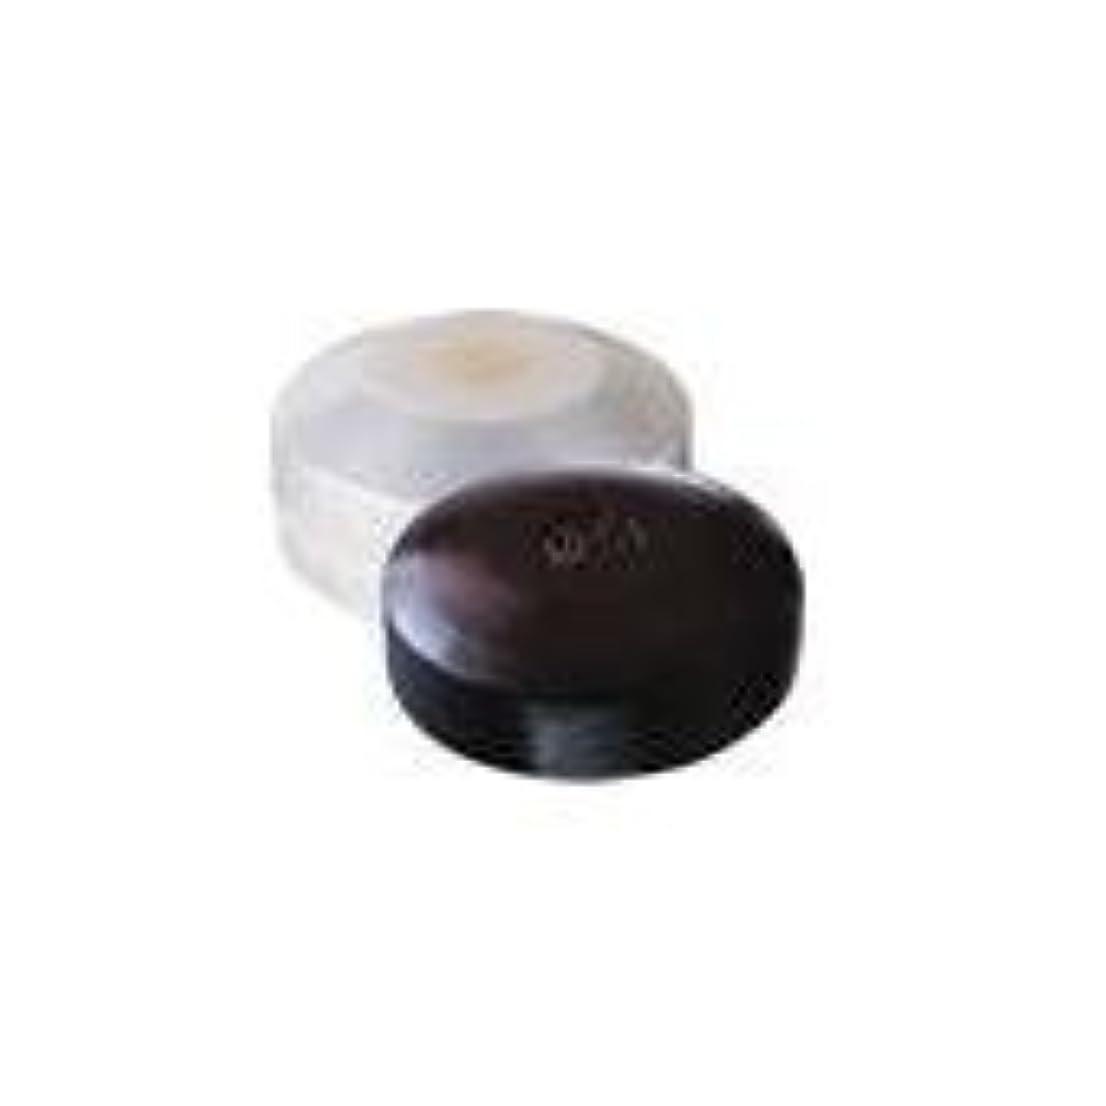 アルミニウム戻るパッケージマミヤン アロエ エクセルソープ 120g(ケース付き)<石鹸>